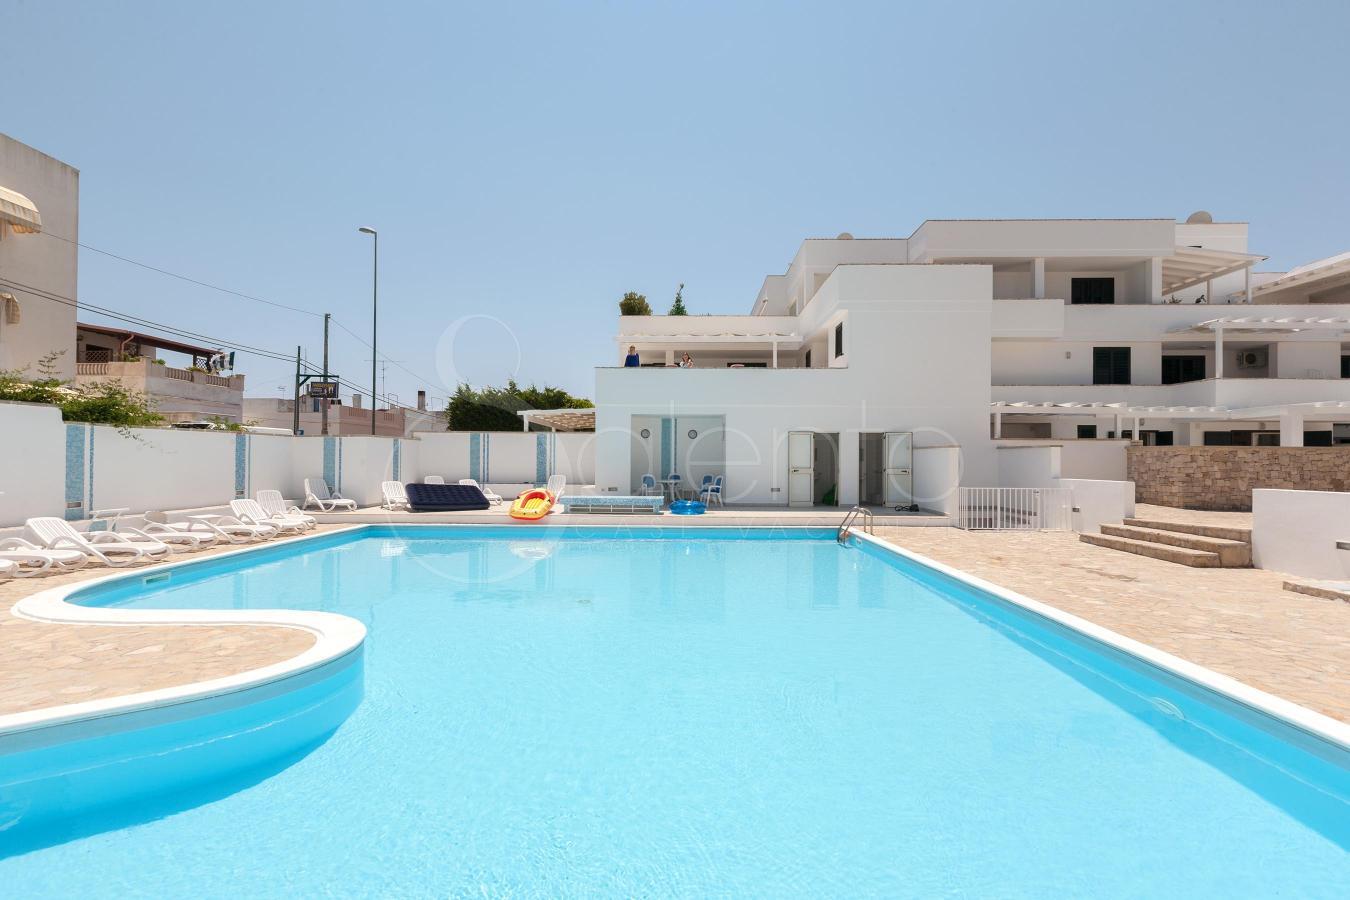 Appartamento di charme con piscina in affitto a santa - Piscina santa maria ...